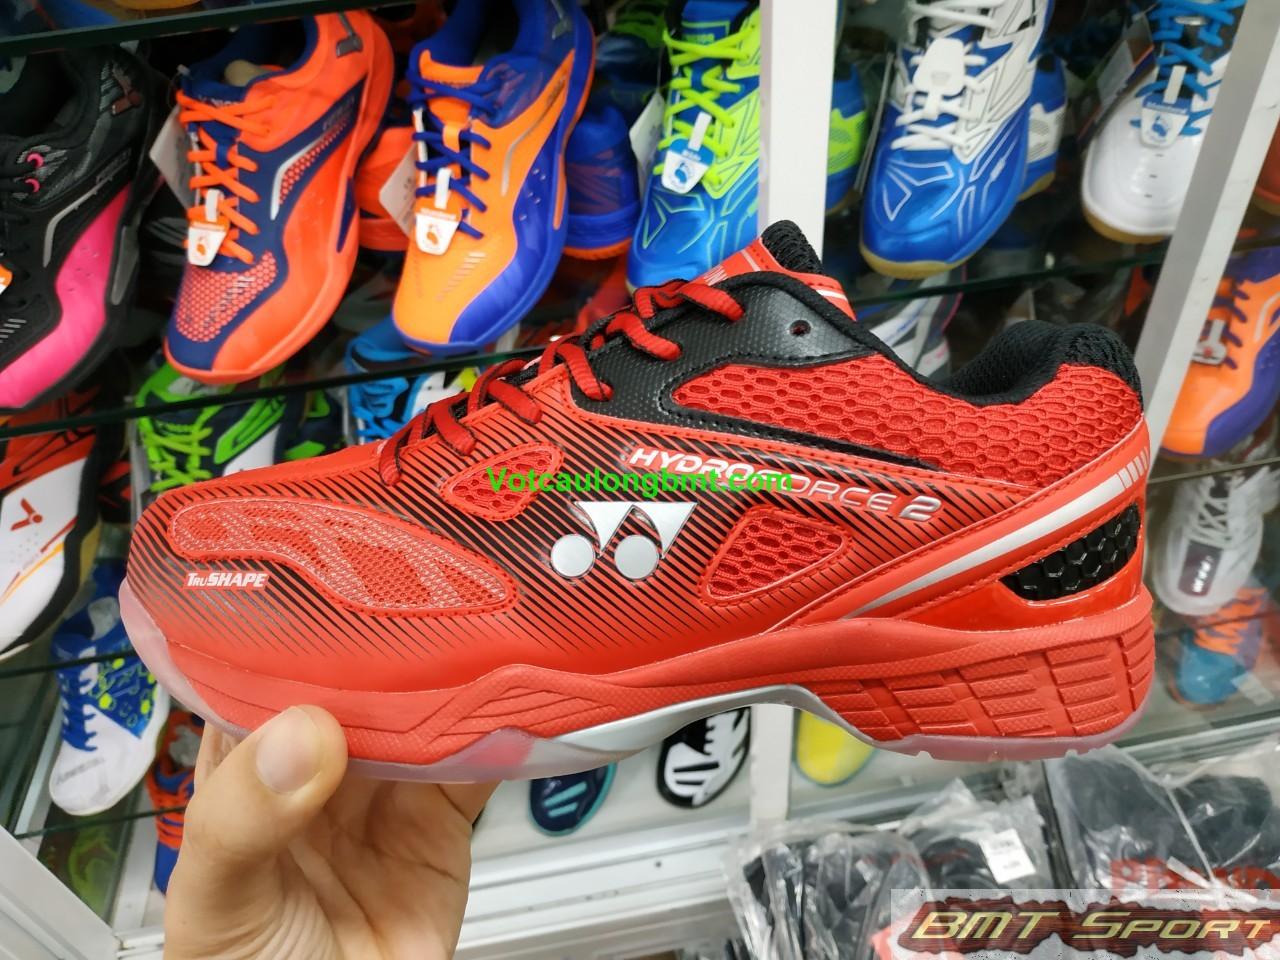 Giày cầu lông Yonex Hydro Force 2 Red